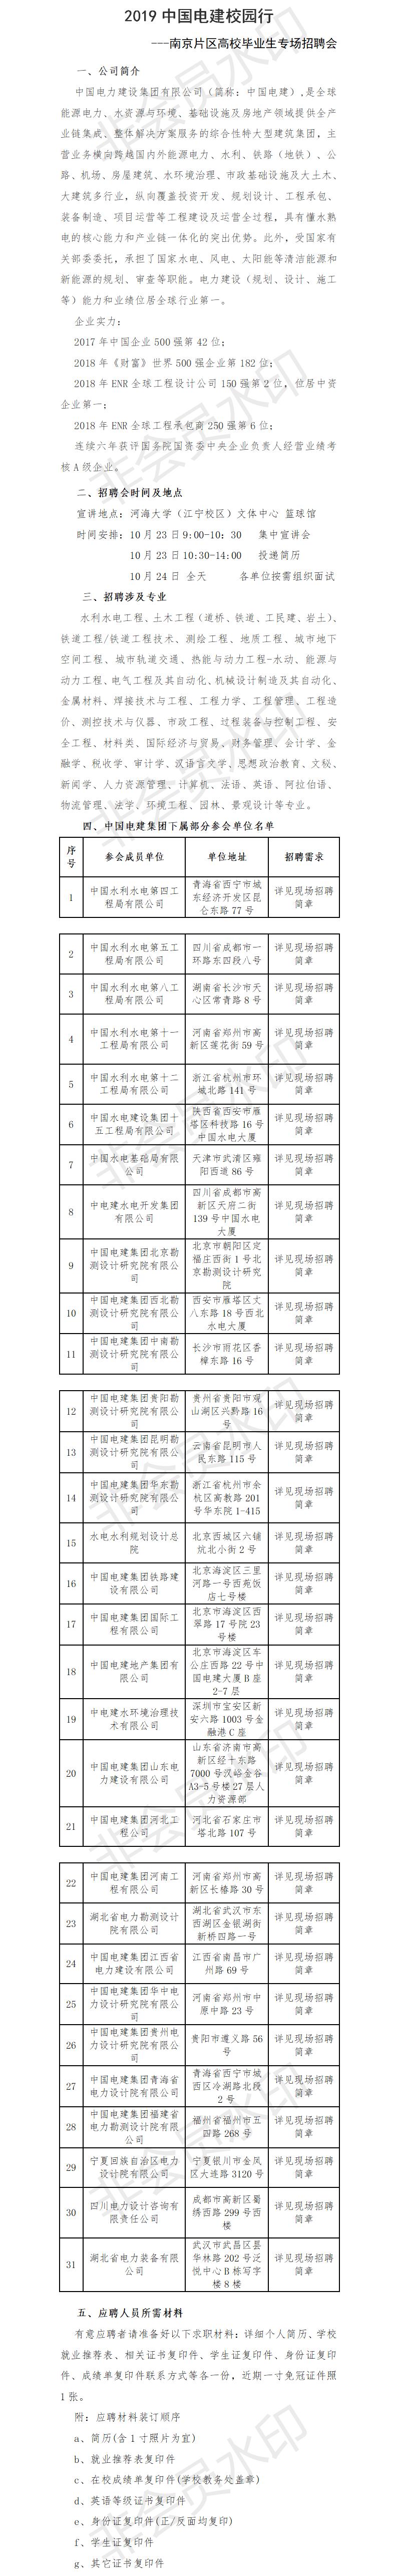 附件1 中国电建2019年南京片区高校毕业生专场招聘公告.png